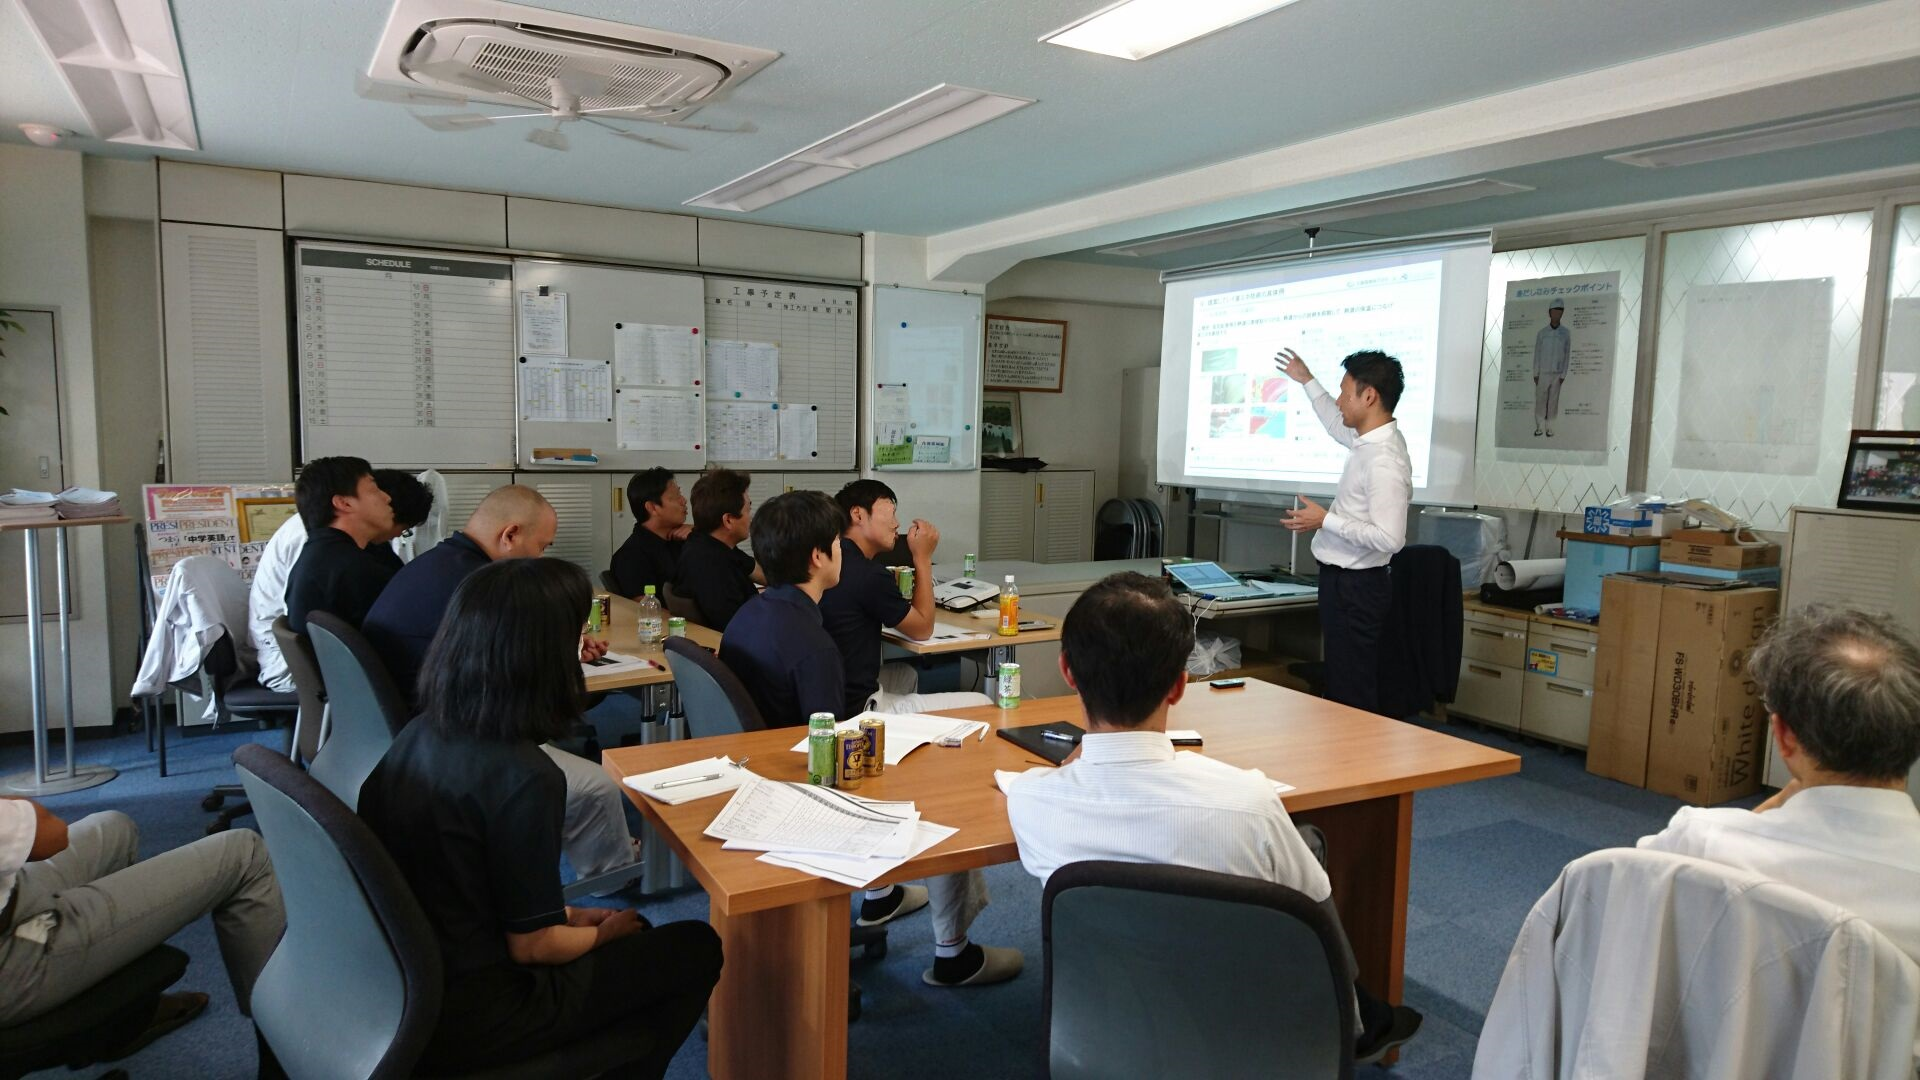 省エネビジネスの勉強会を行いました。